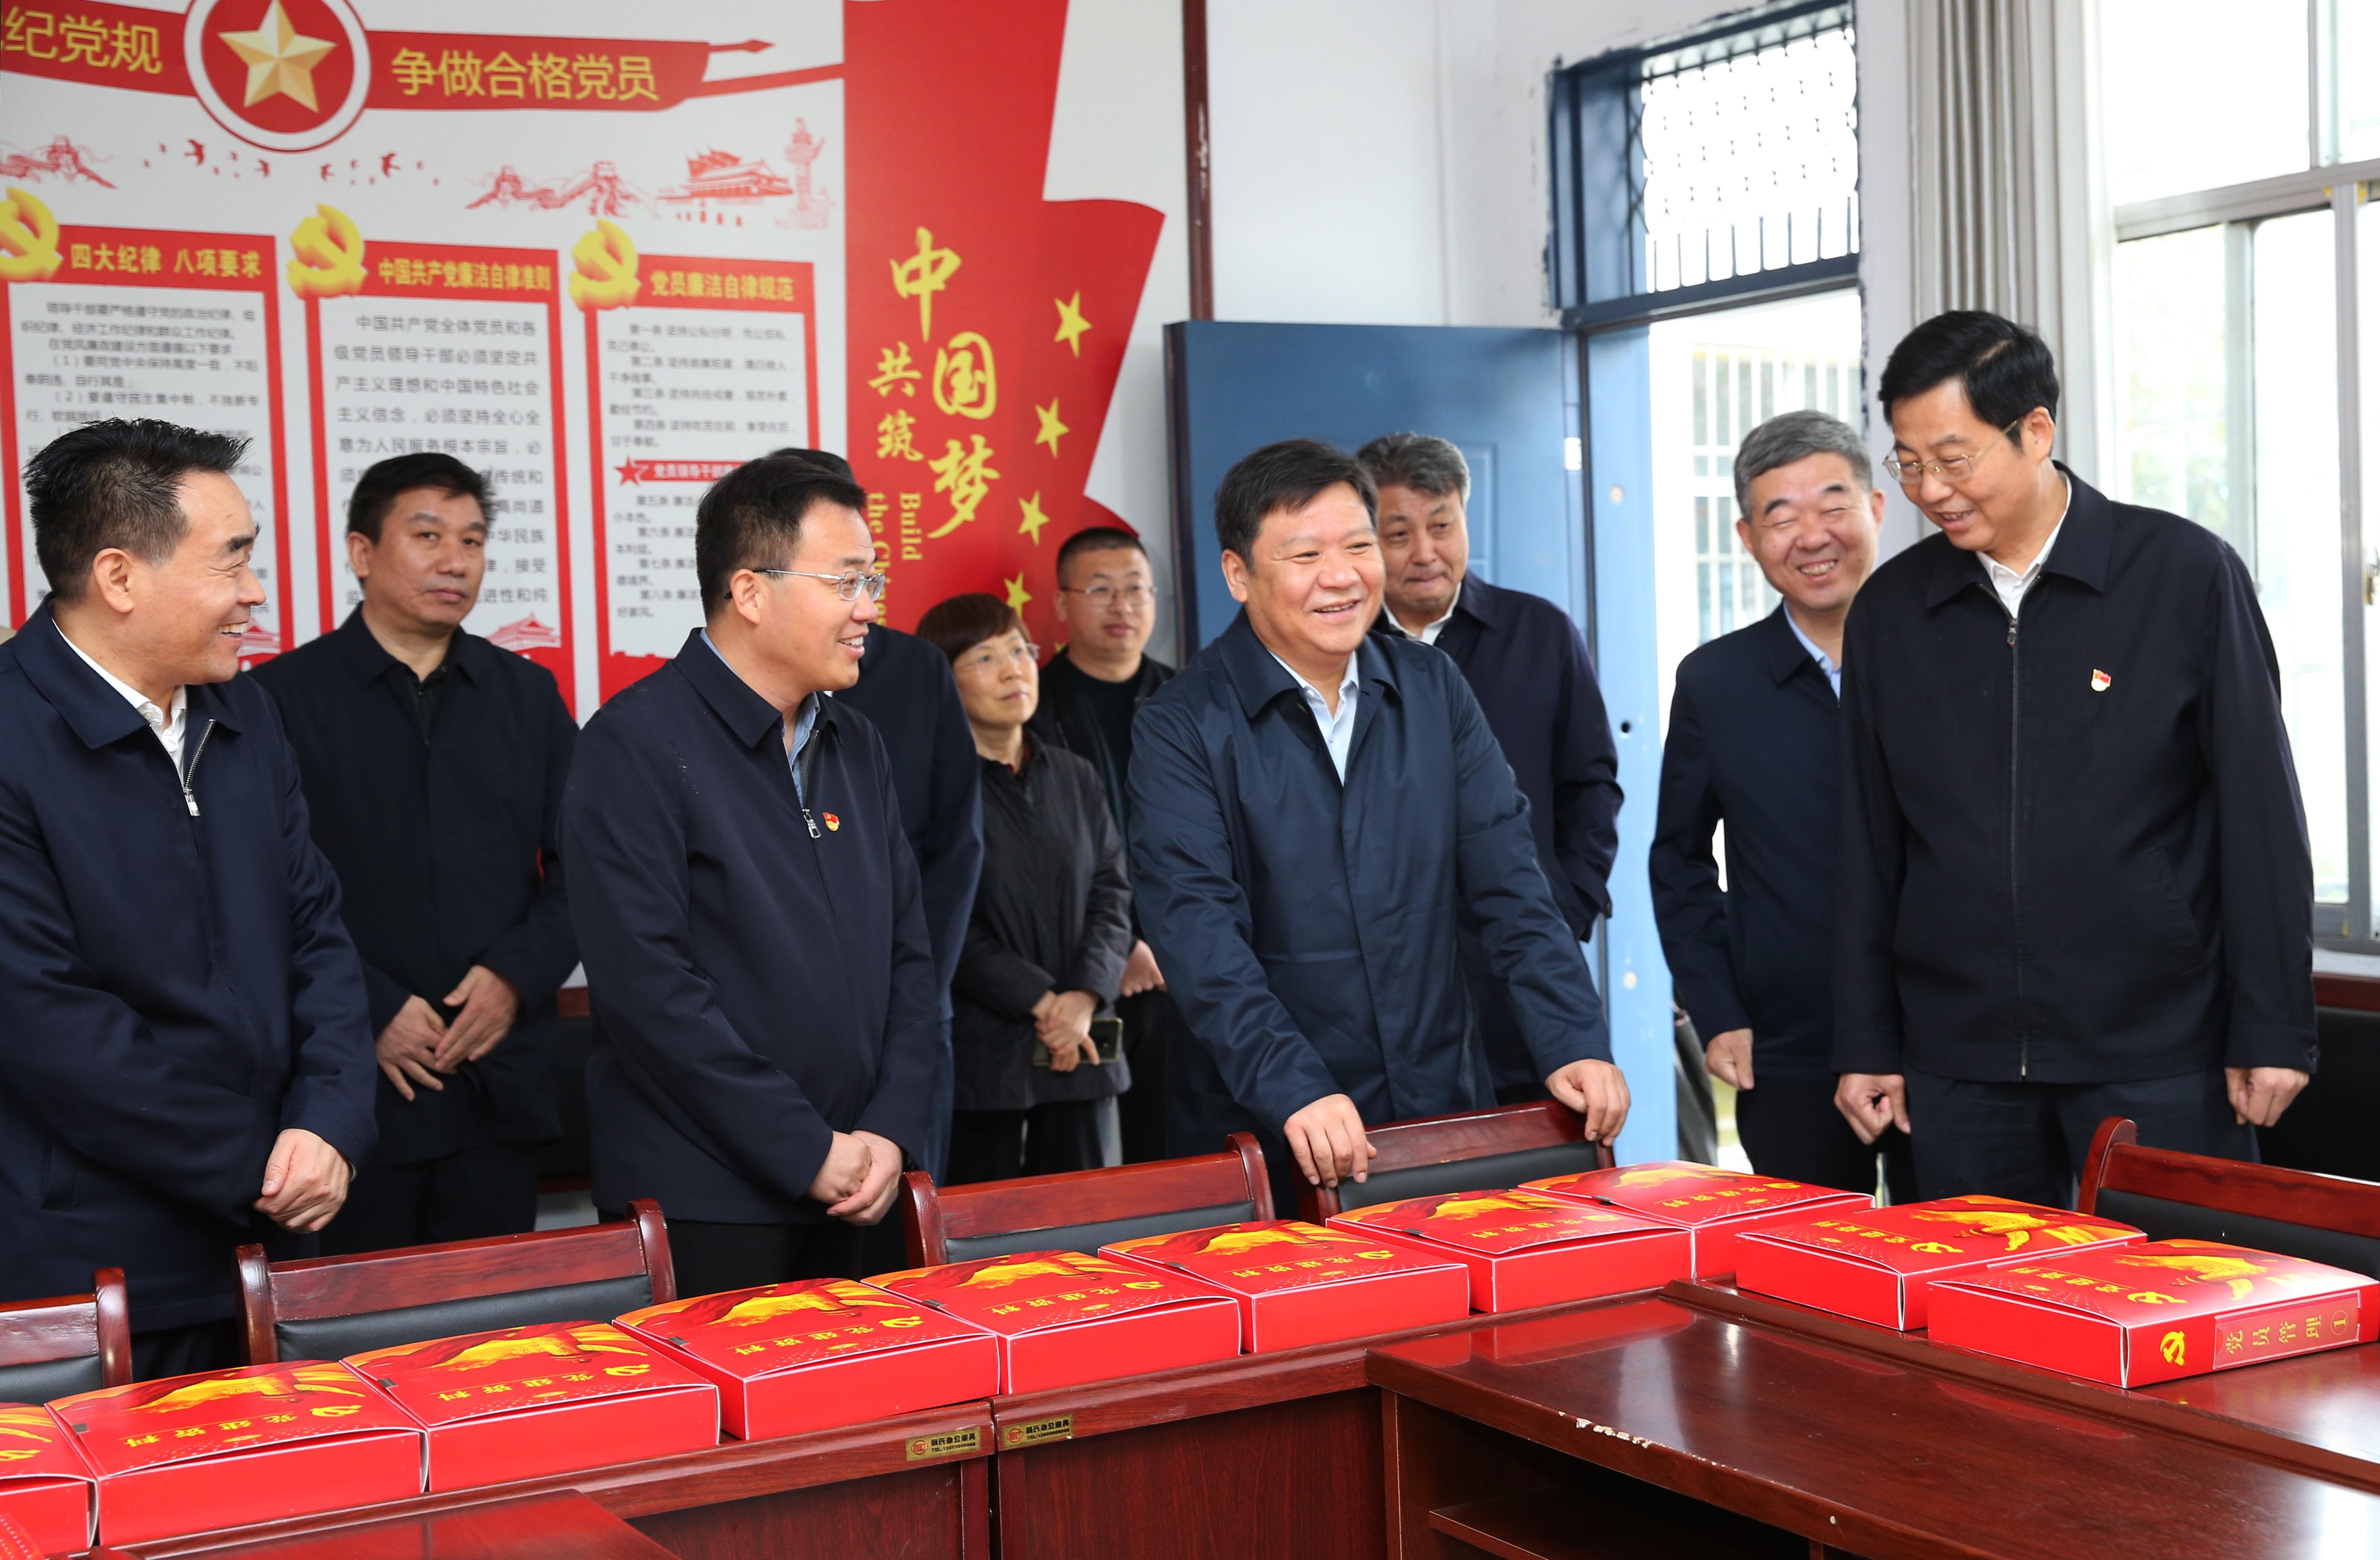 鲍常勇深入泌阳县调研乡村振兴、基层党建、产业发展等工作